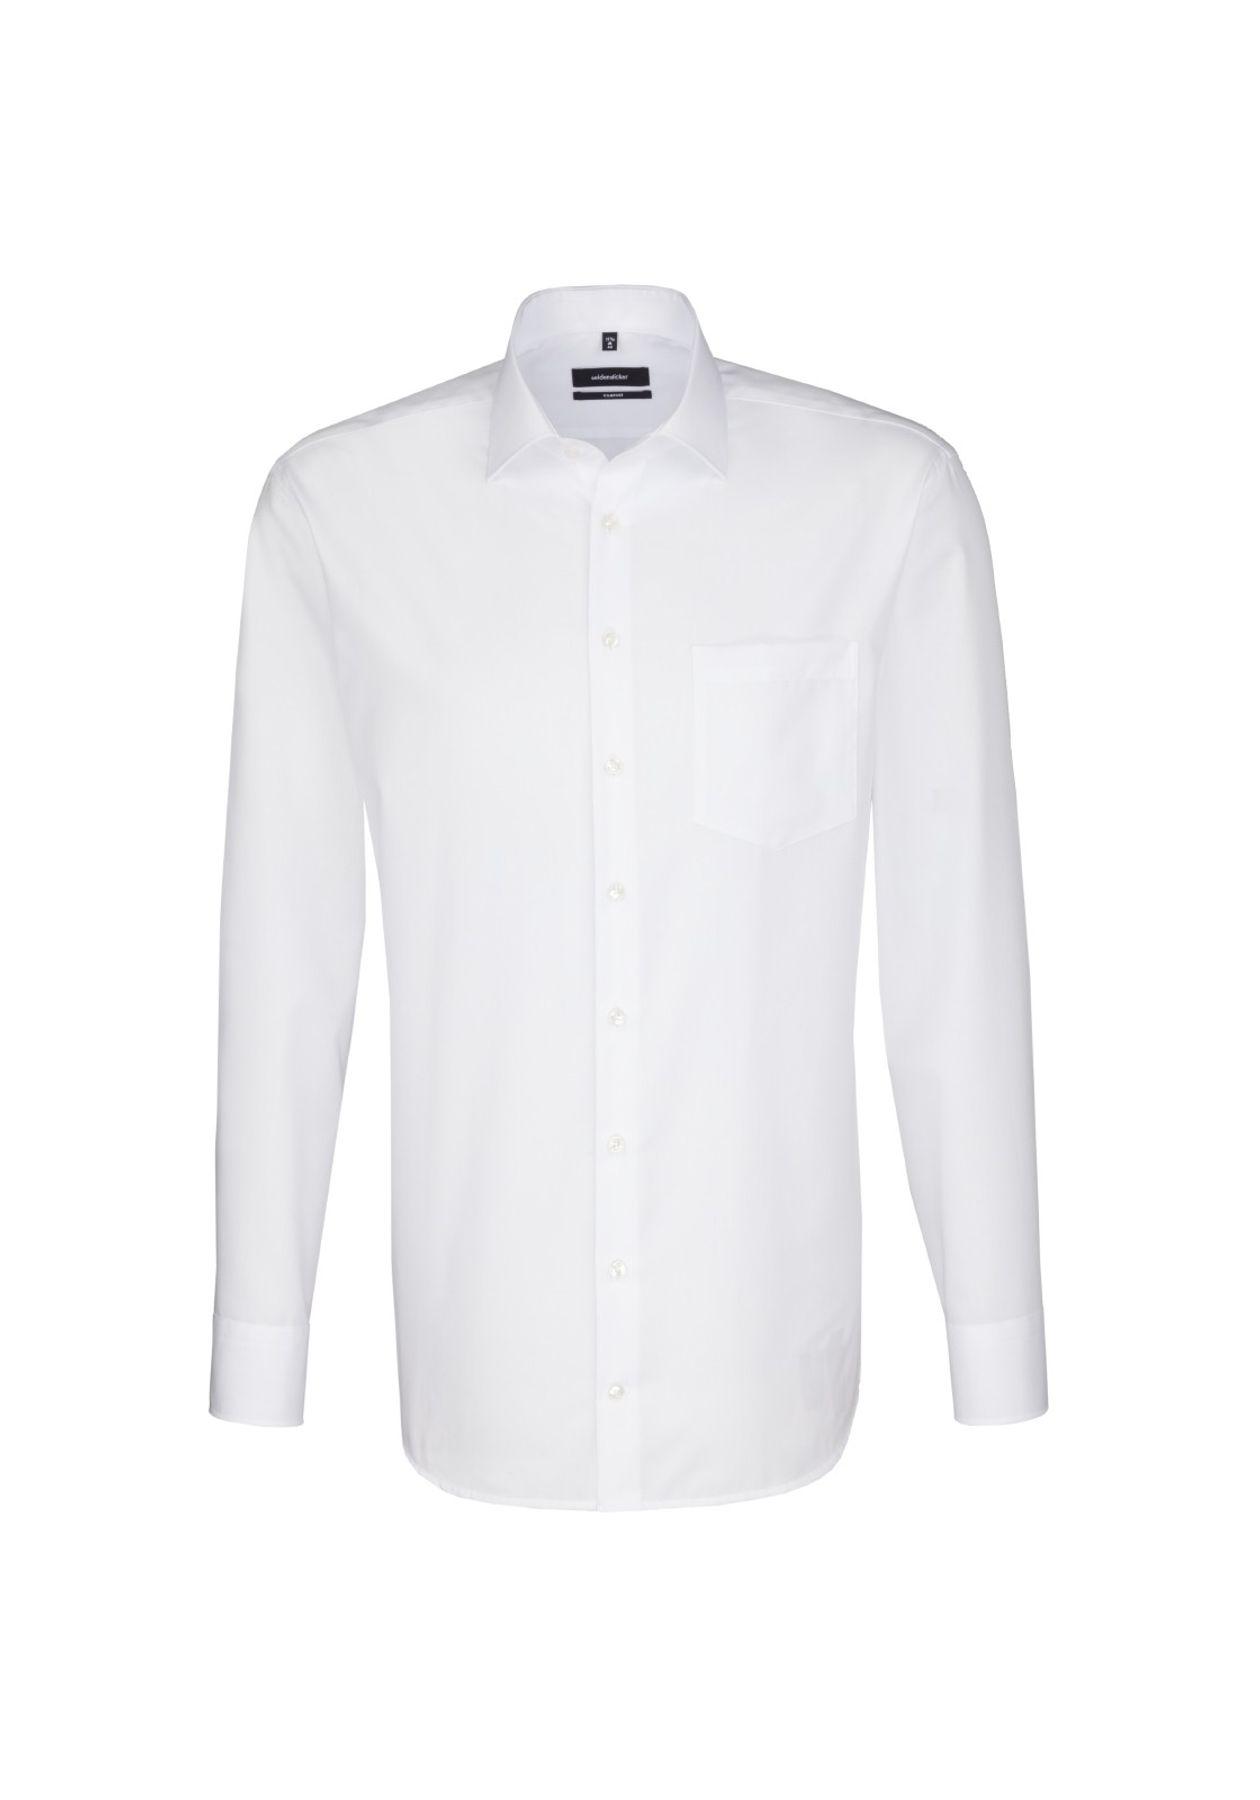 Seidensticker - Herren Hemd, Bügelfrei, Comfort, Schwarze Rose mit Kent Kragen in Weiß (01.312420) – Bild 1